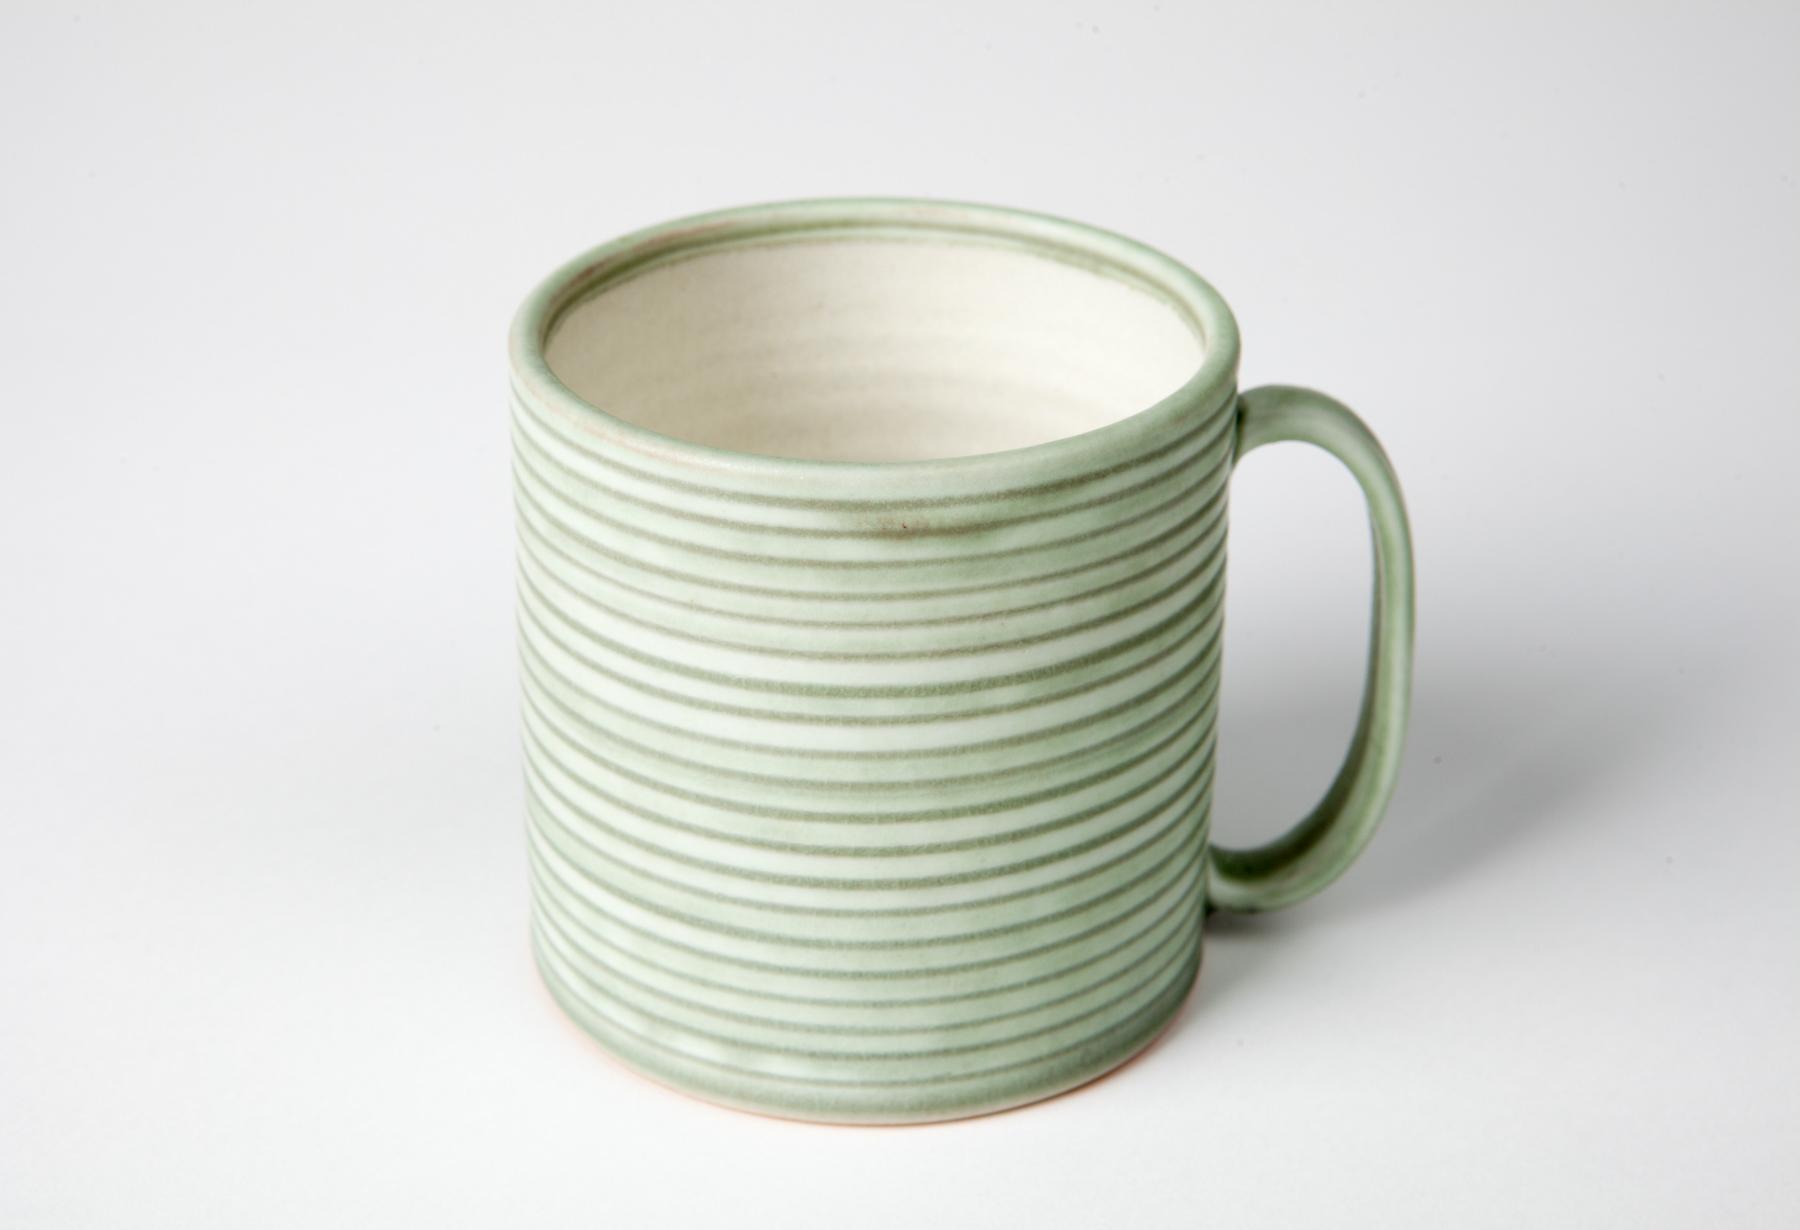 martin mug, cone 9 reduction porcelain